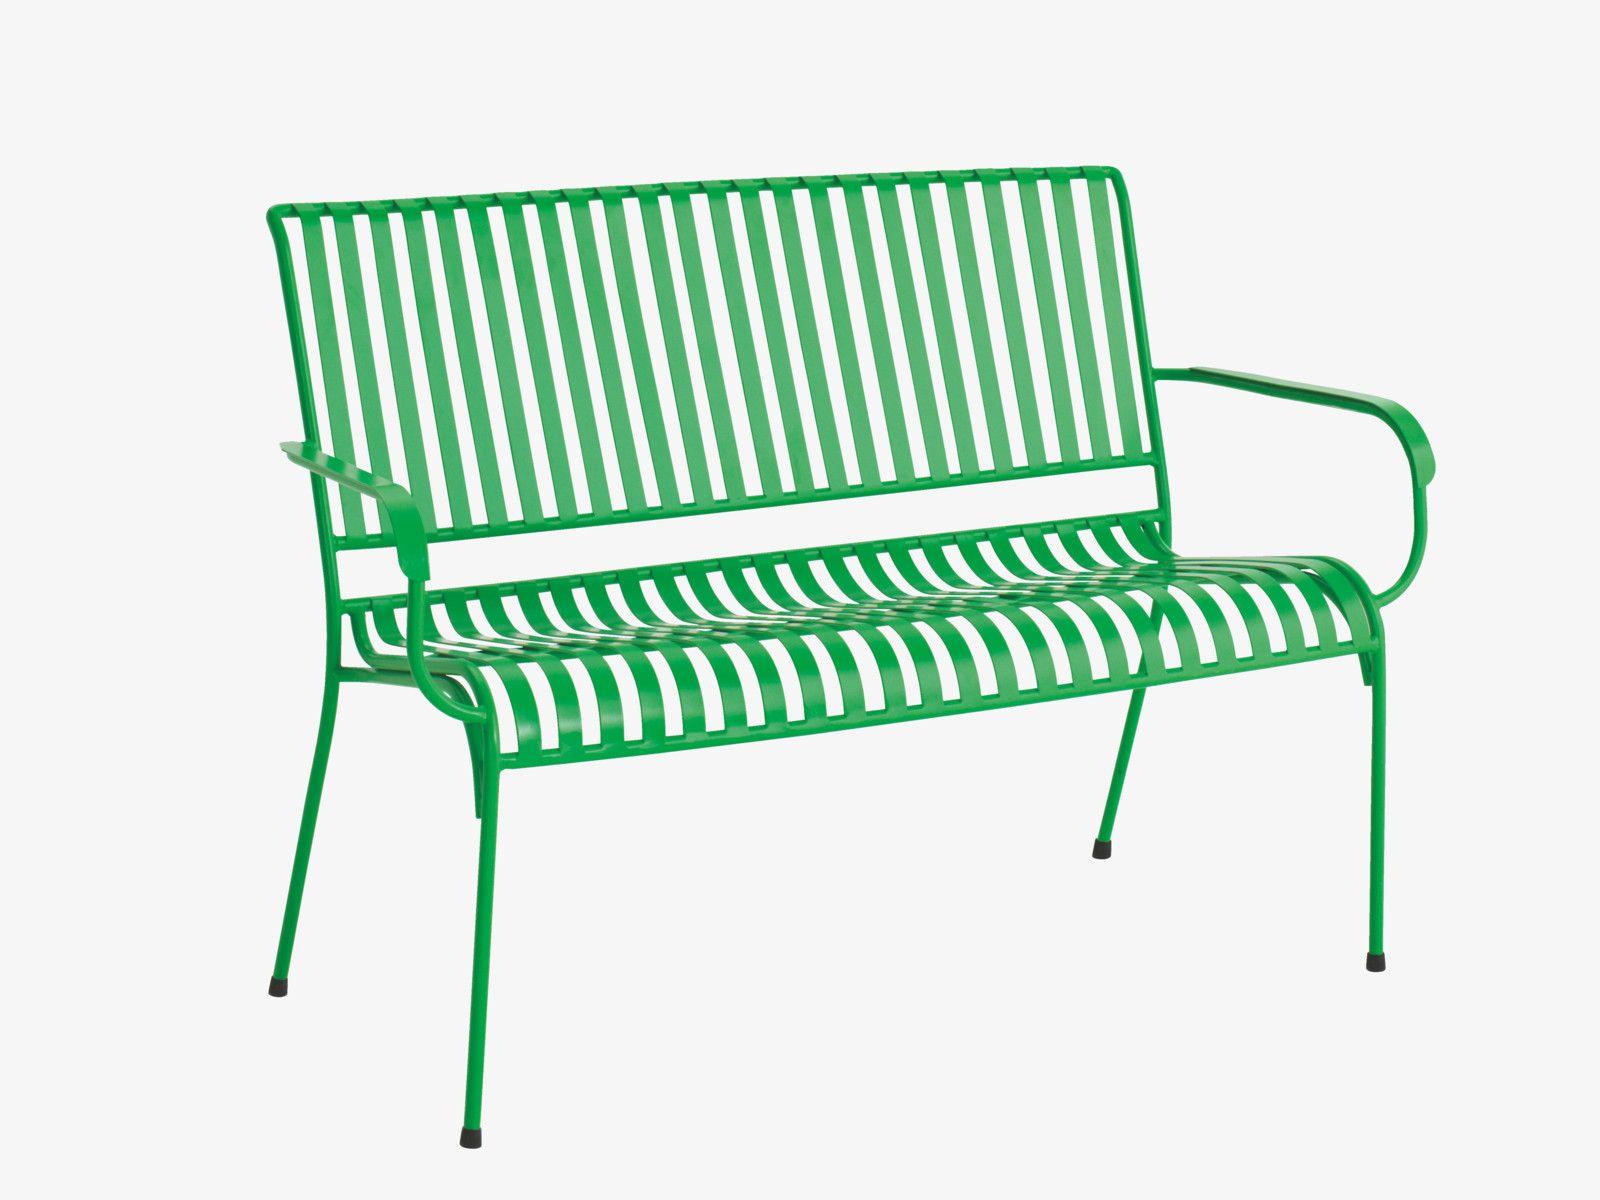 INDU GREENS Metal Green metal garden bench HabitatUK